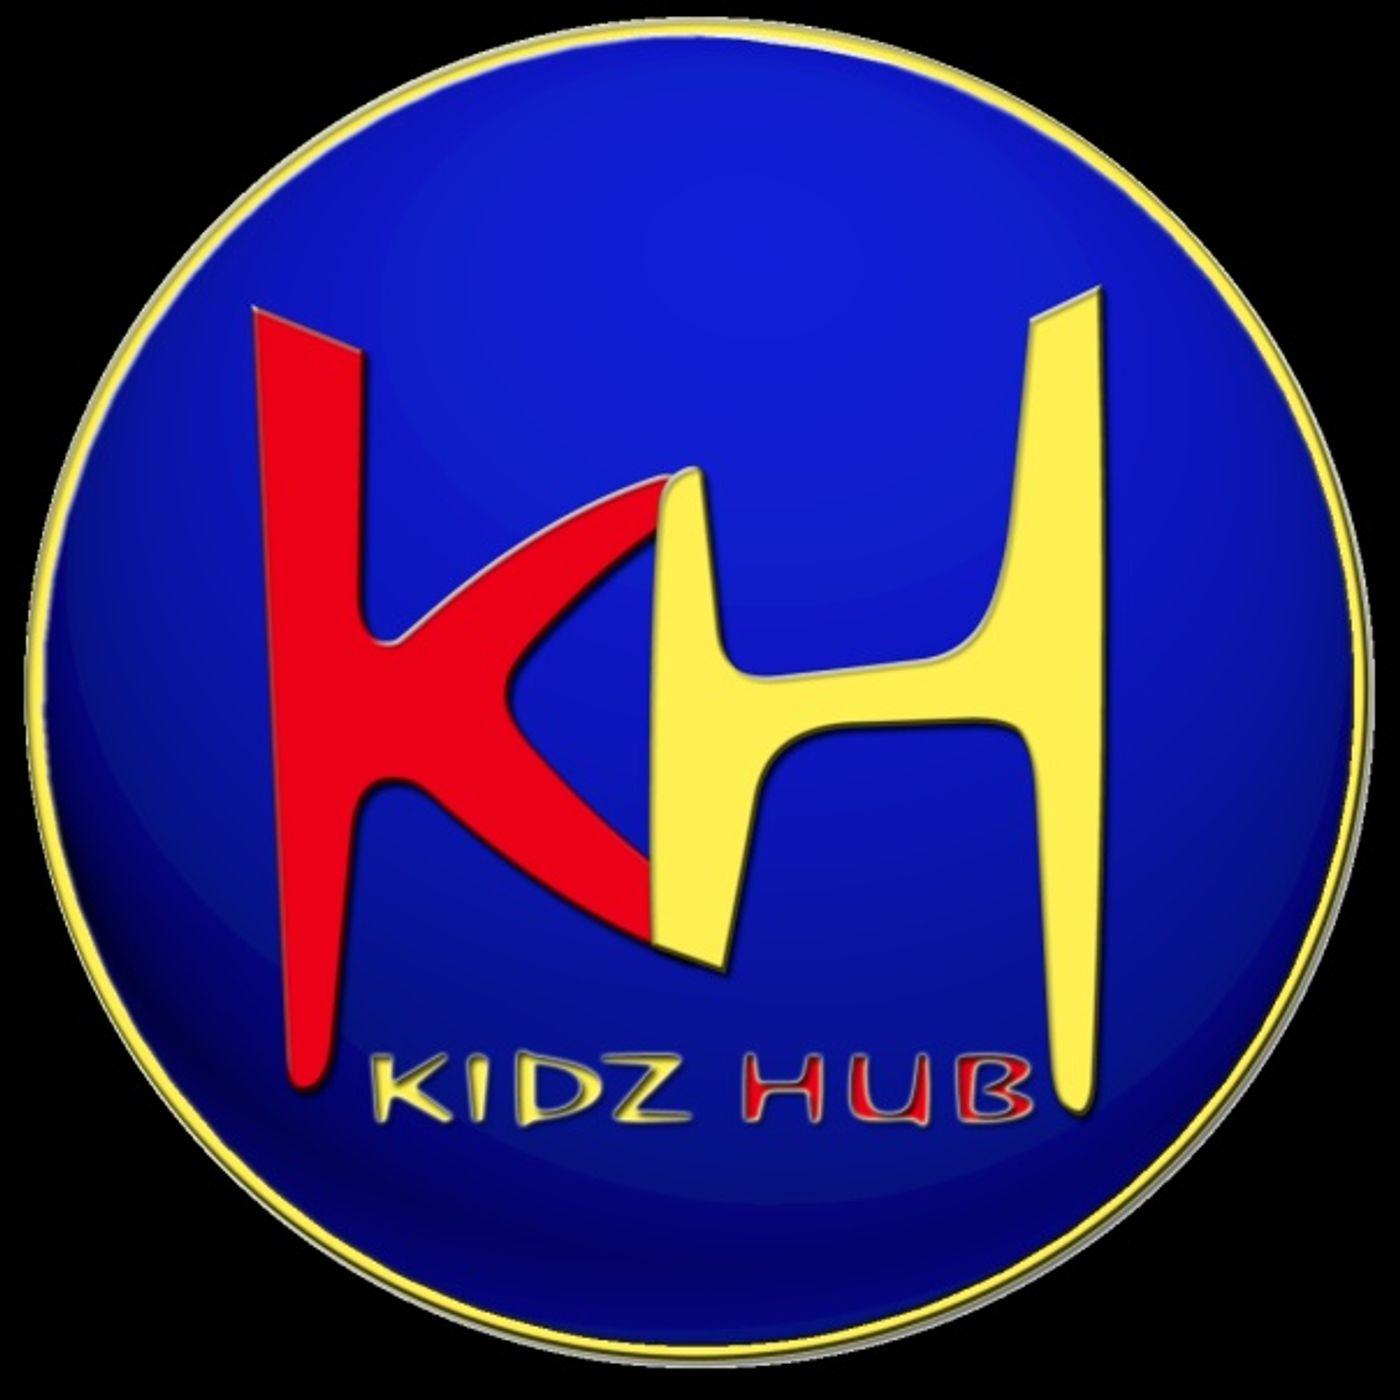 KiDzHuB-KLR.FM